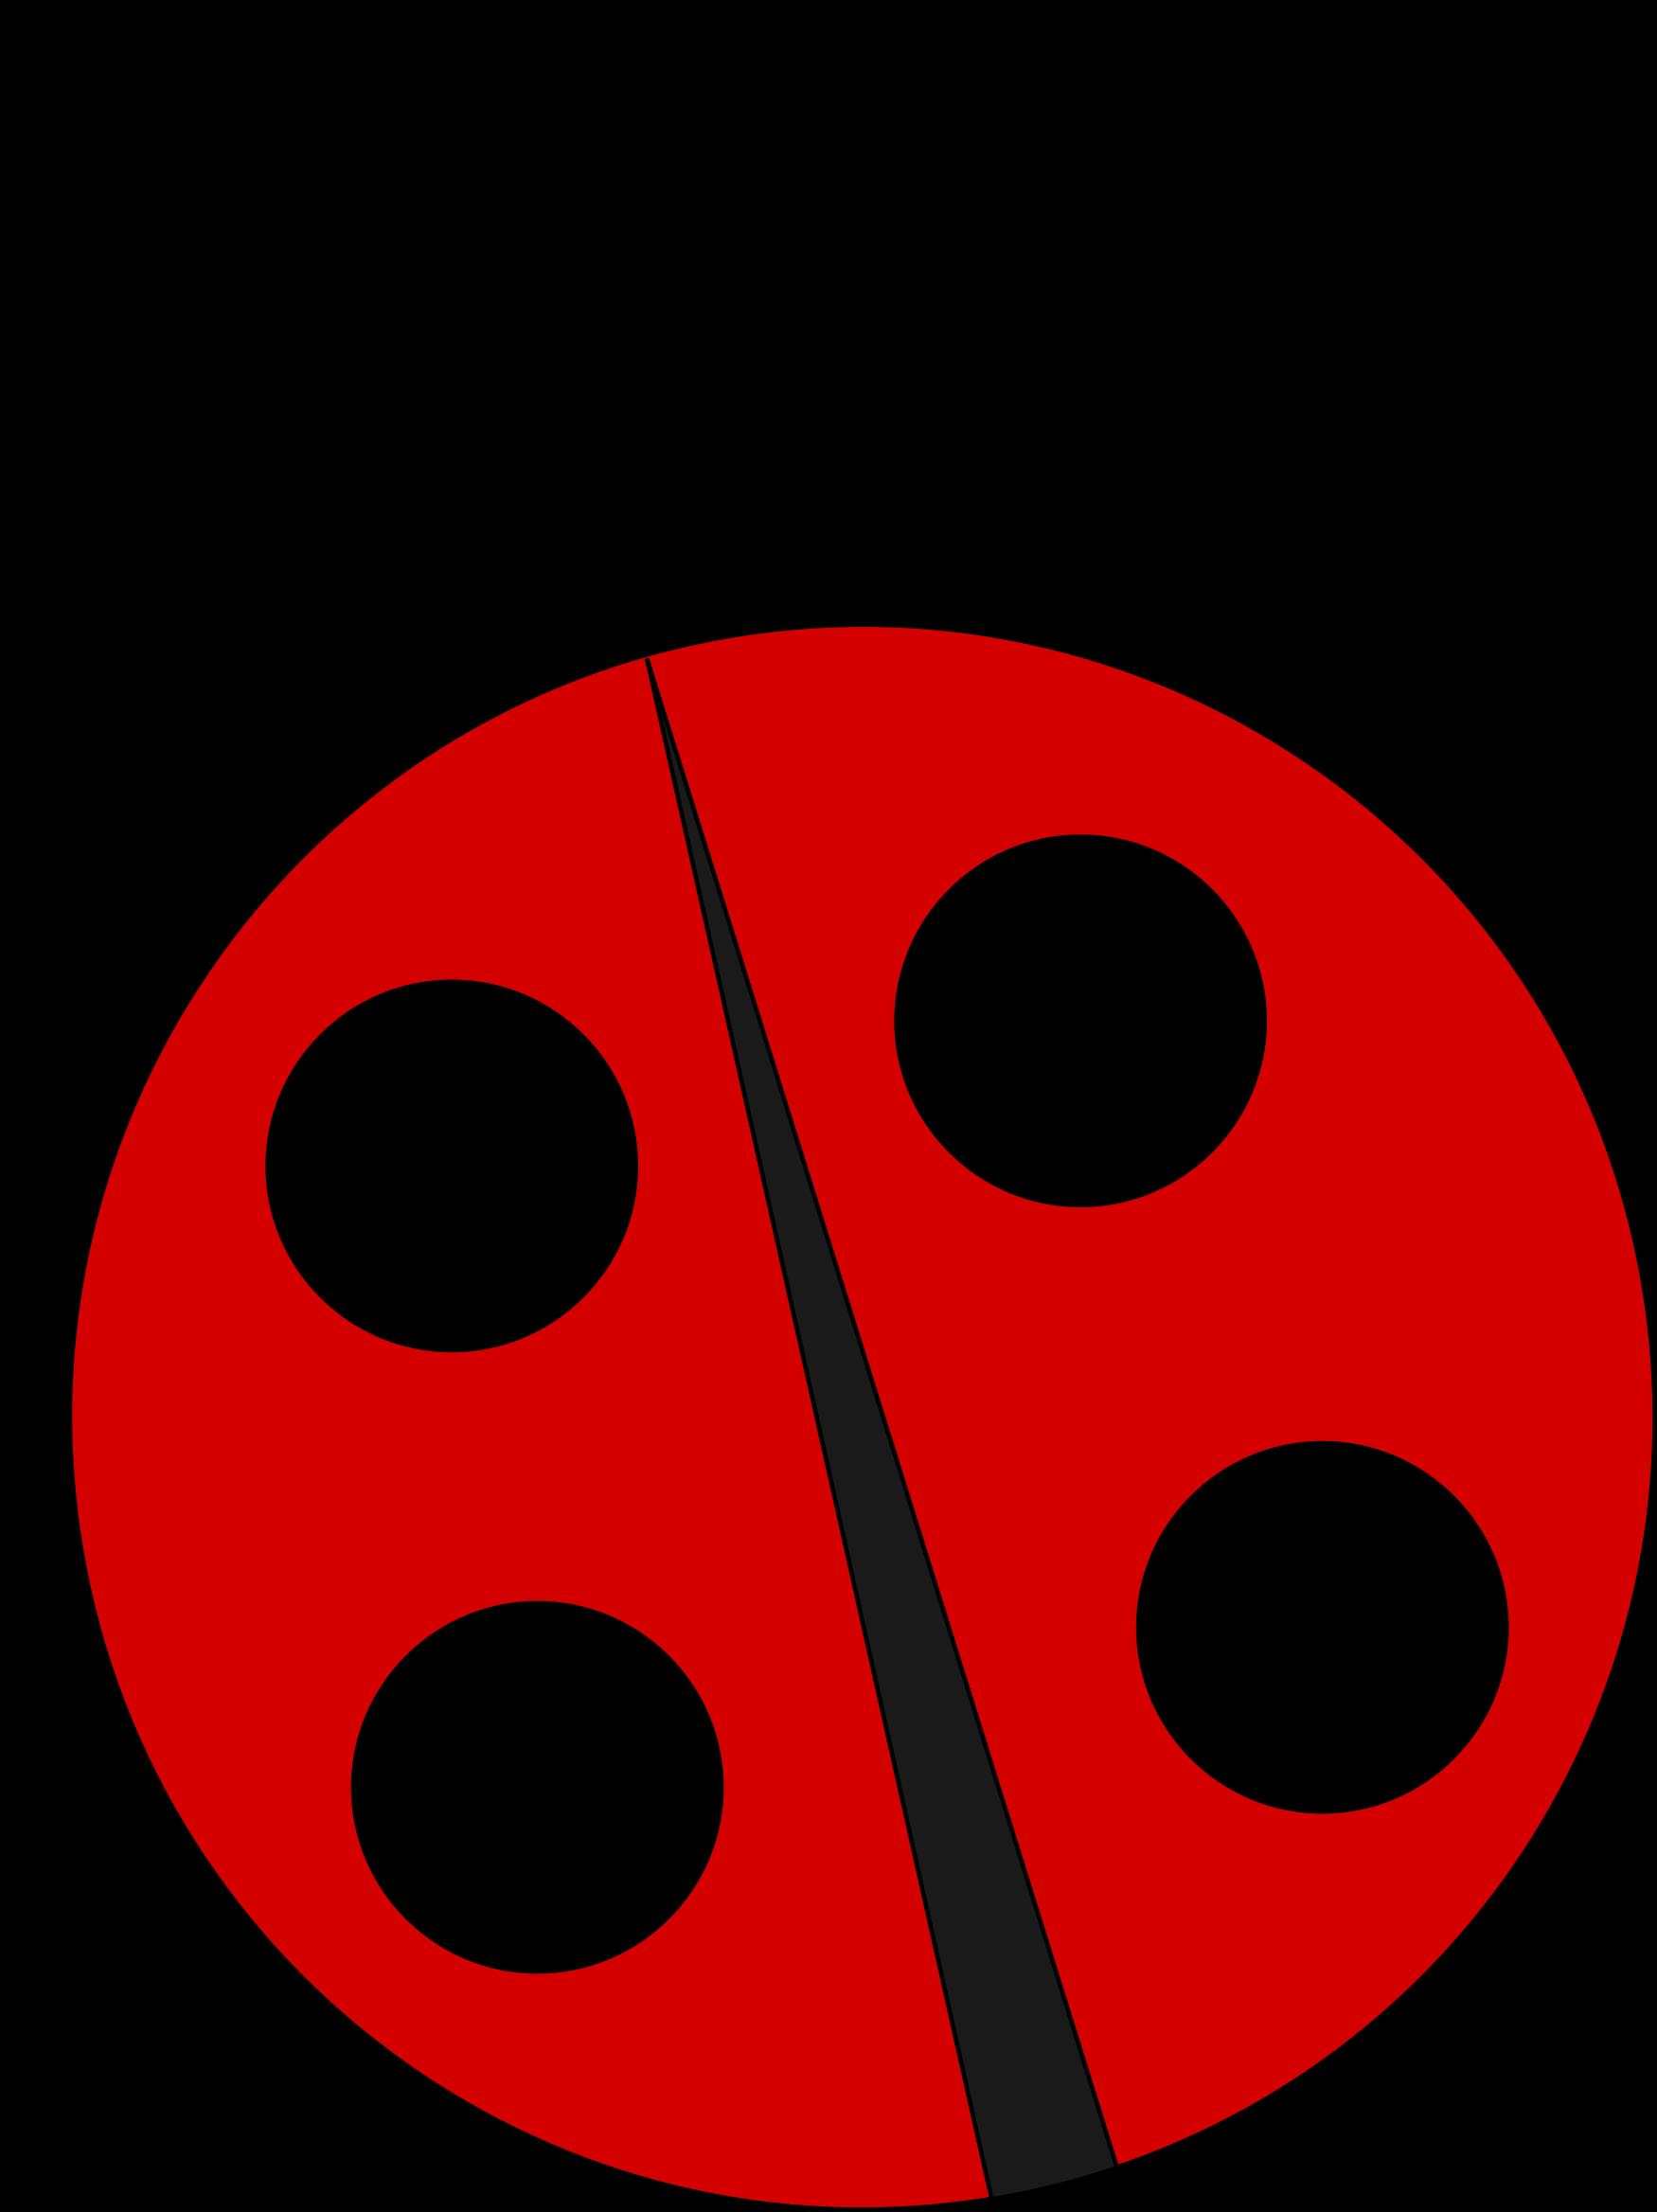 Clipart Ladybug-Clipart ladybug-3